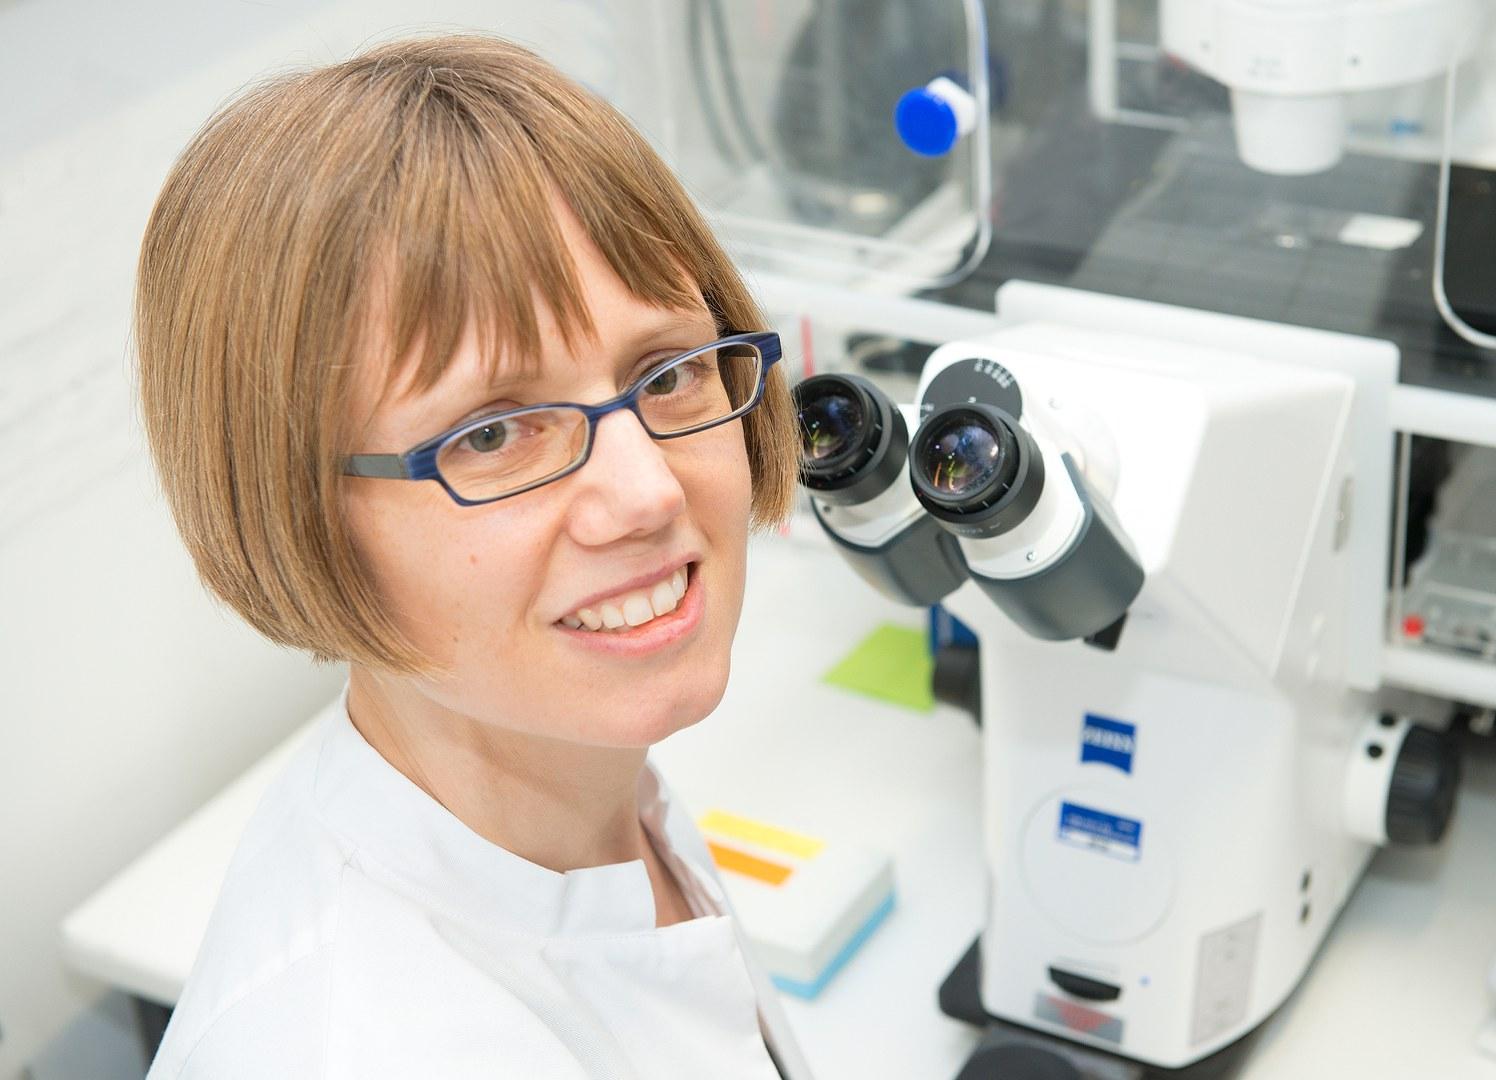 Privatdozentin Dr. Sandra Blaess